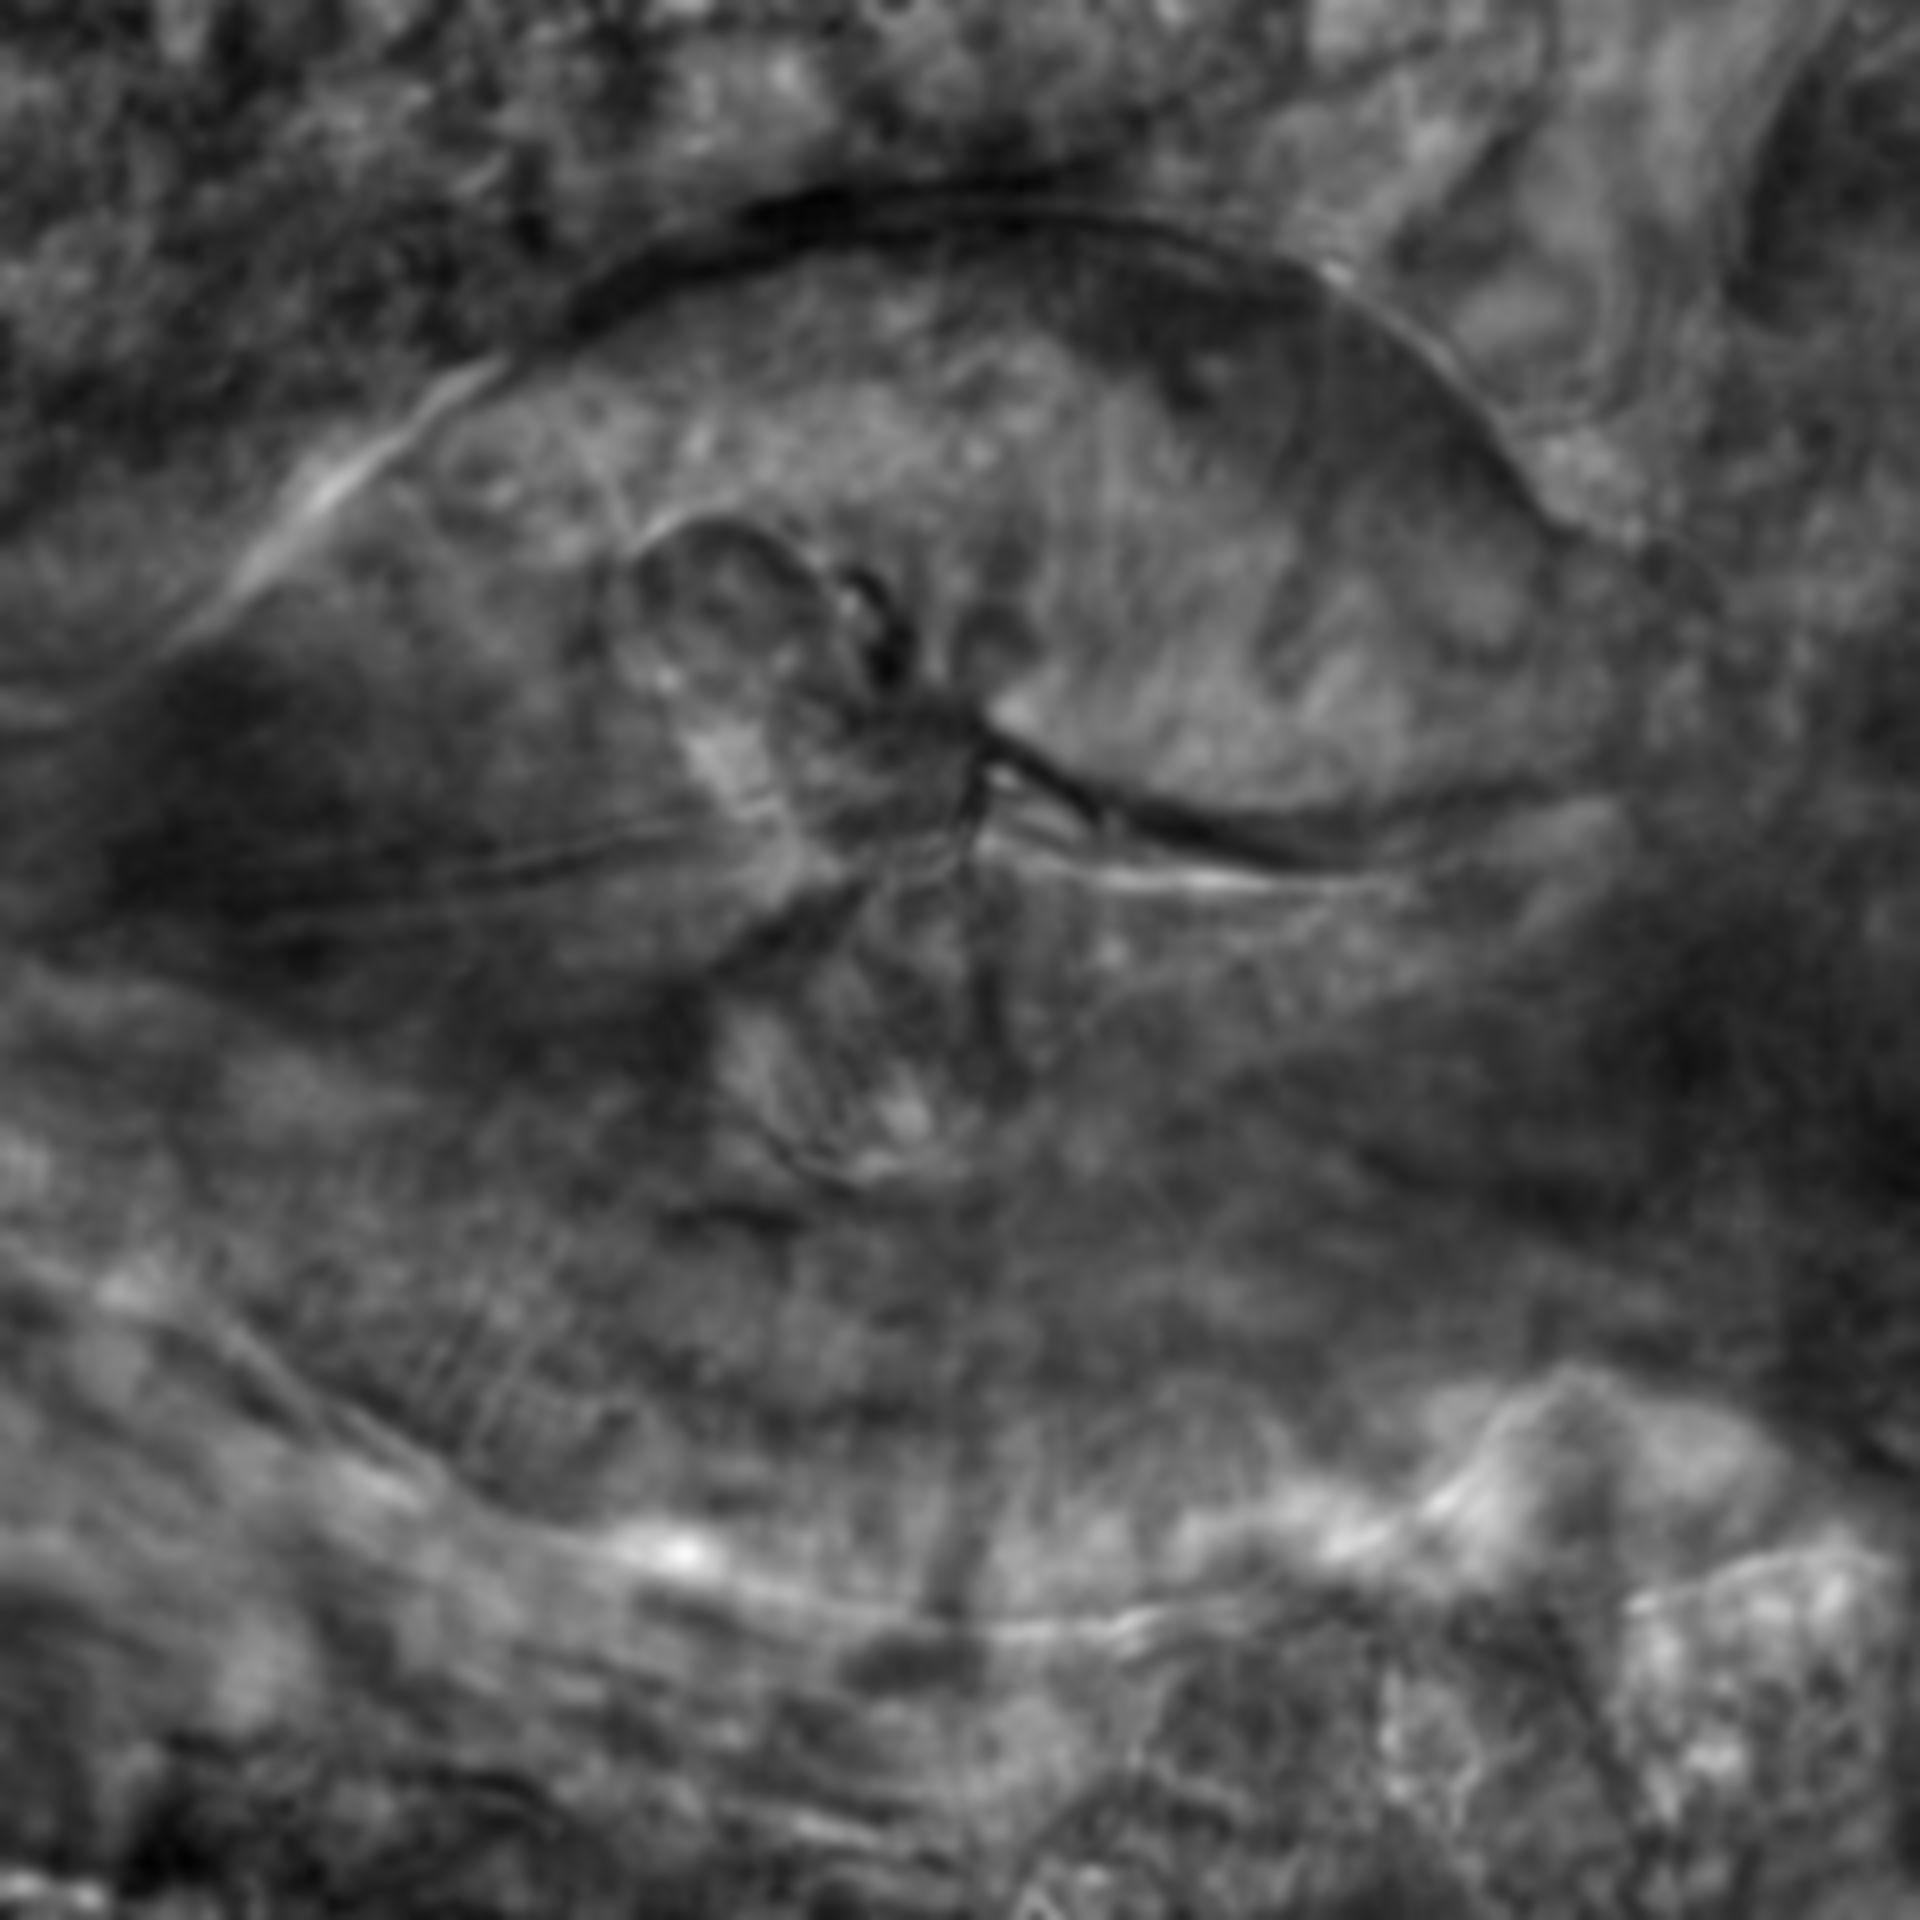 Caenorhabditis elegans - CIL:2720